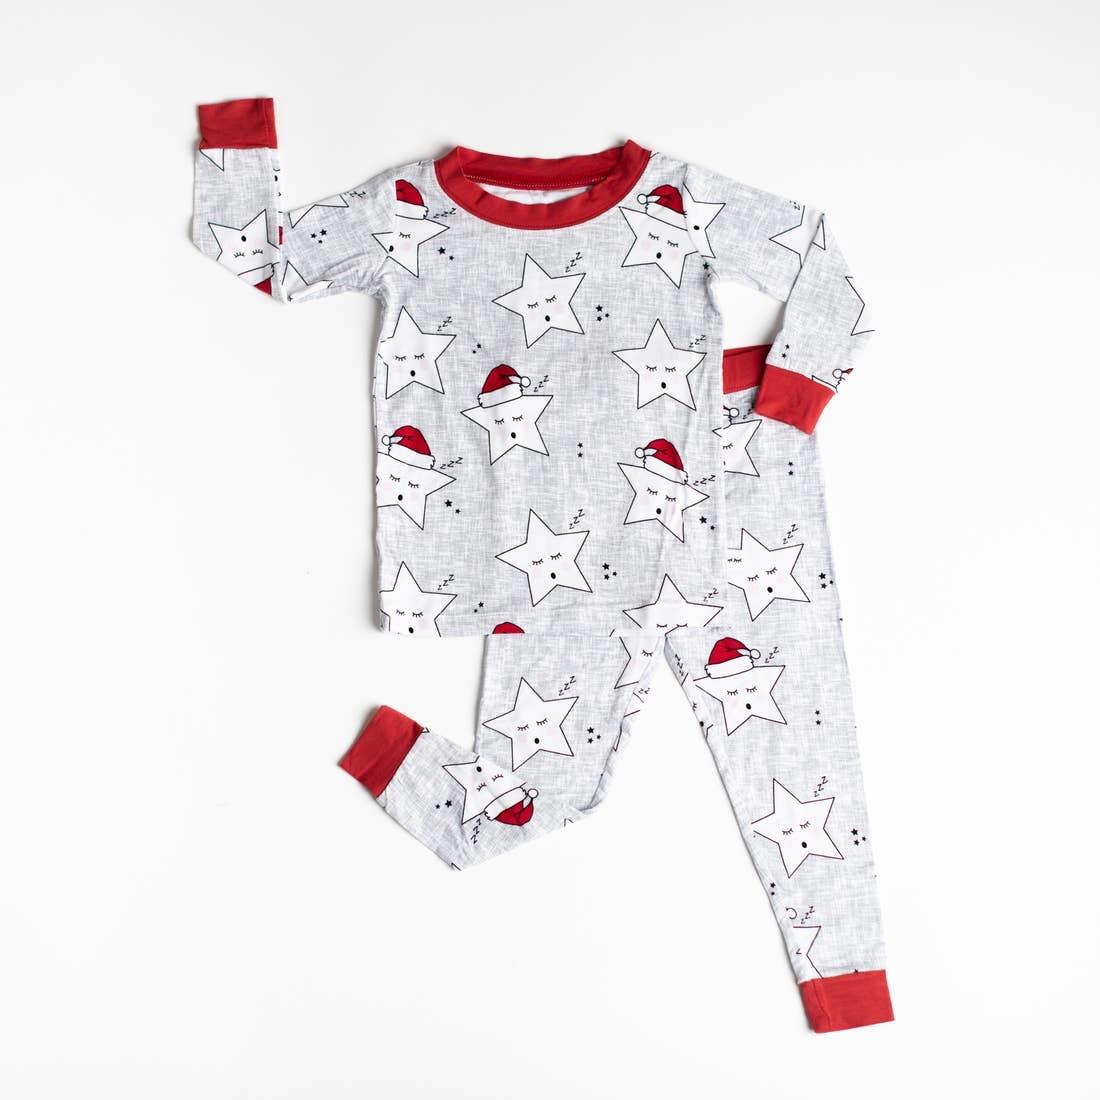 Little Sleepies Little Sleepies Sleepy Santa Stars Bamboo Viscose Pajama Set